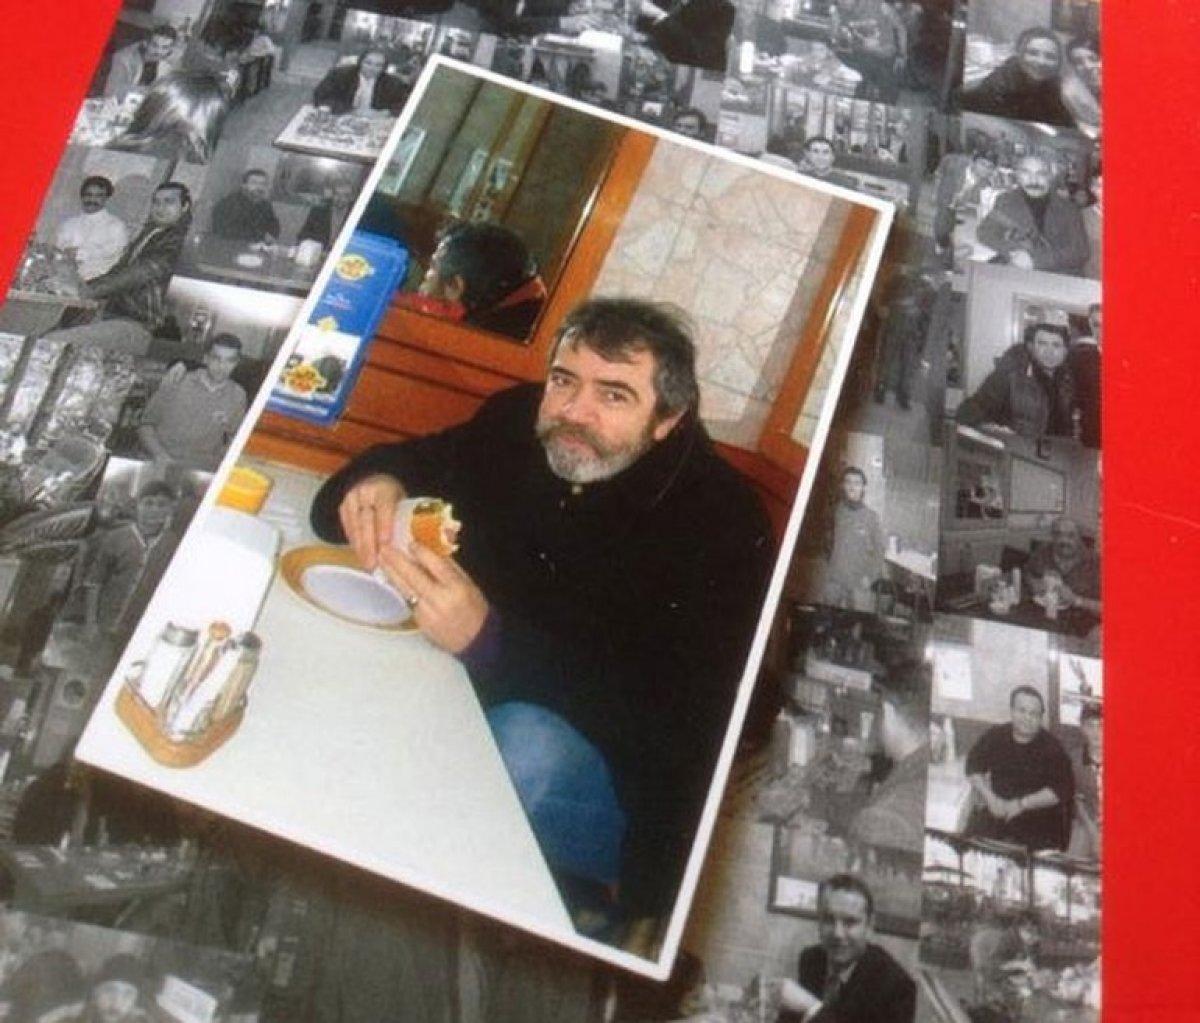 Sanatçı Selçuk Yöntem  tost fotoğrafı  davasını kazandı #1